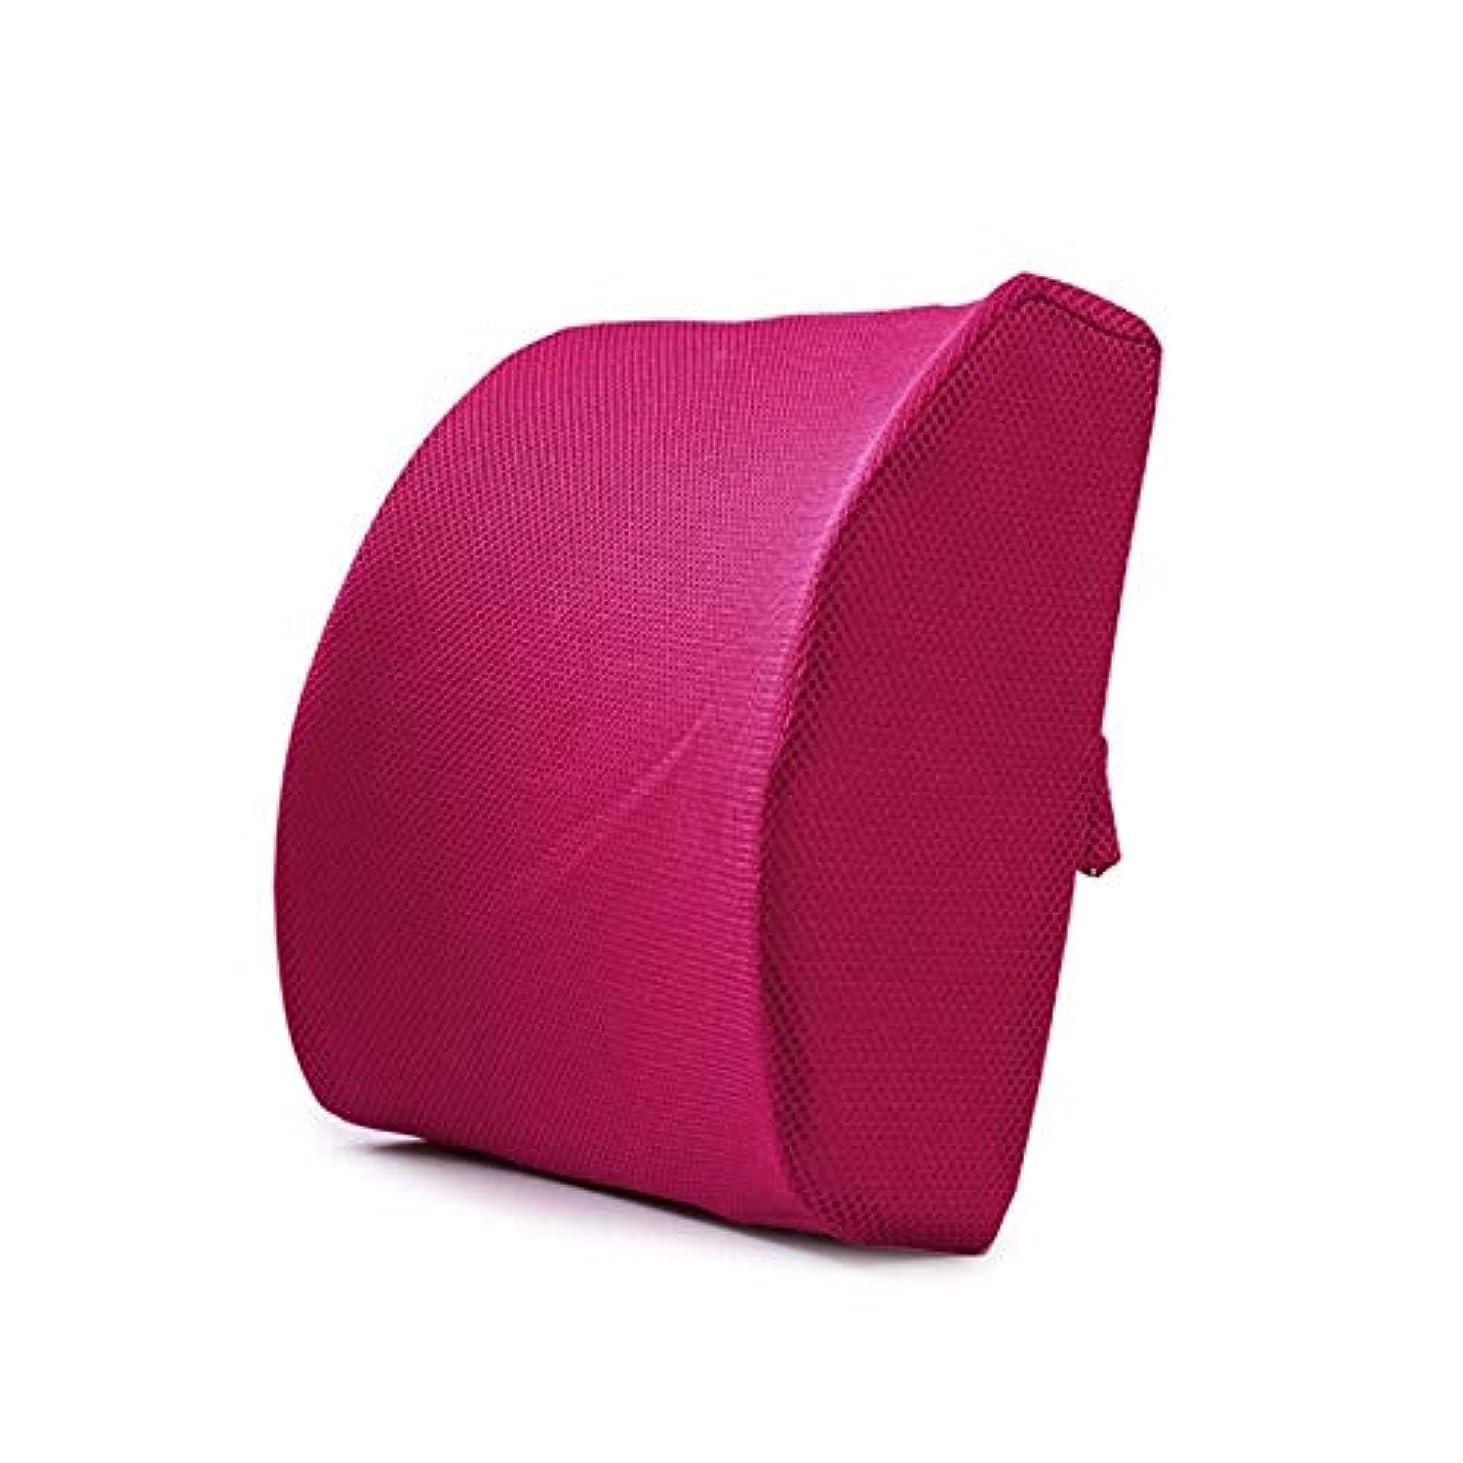 蜜名声海峡ひもLIFE ホームオフィス背もたれ椅子腰椎クッションカーシートネック枕 3D 低反発サポートバックマッサージウエストレスリビング枕 クッション 椅子